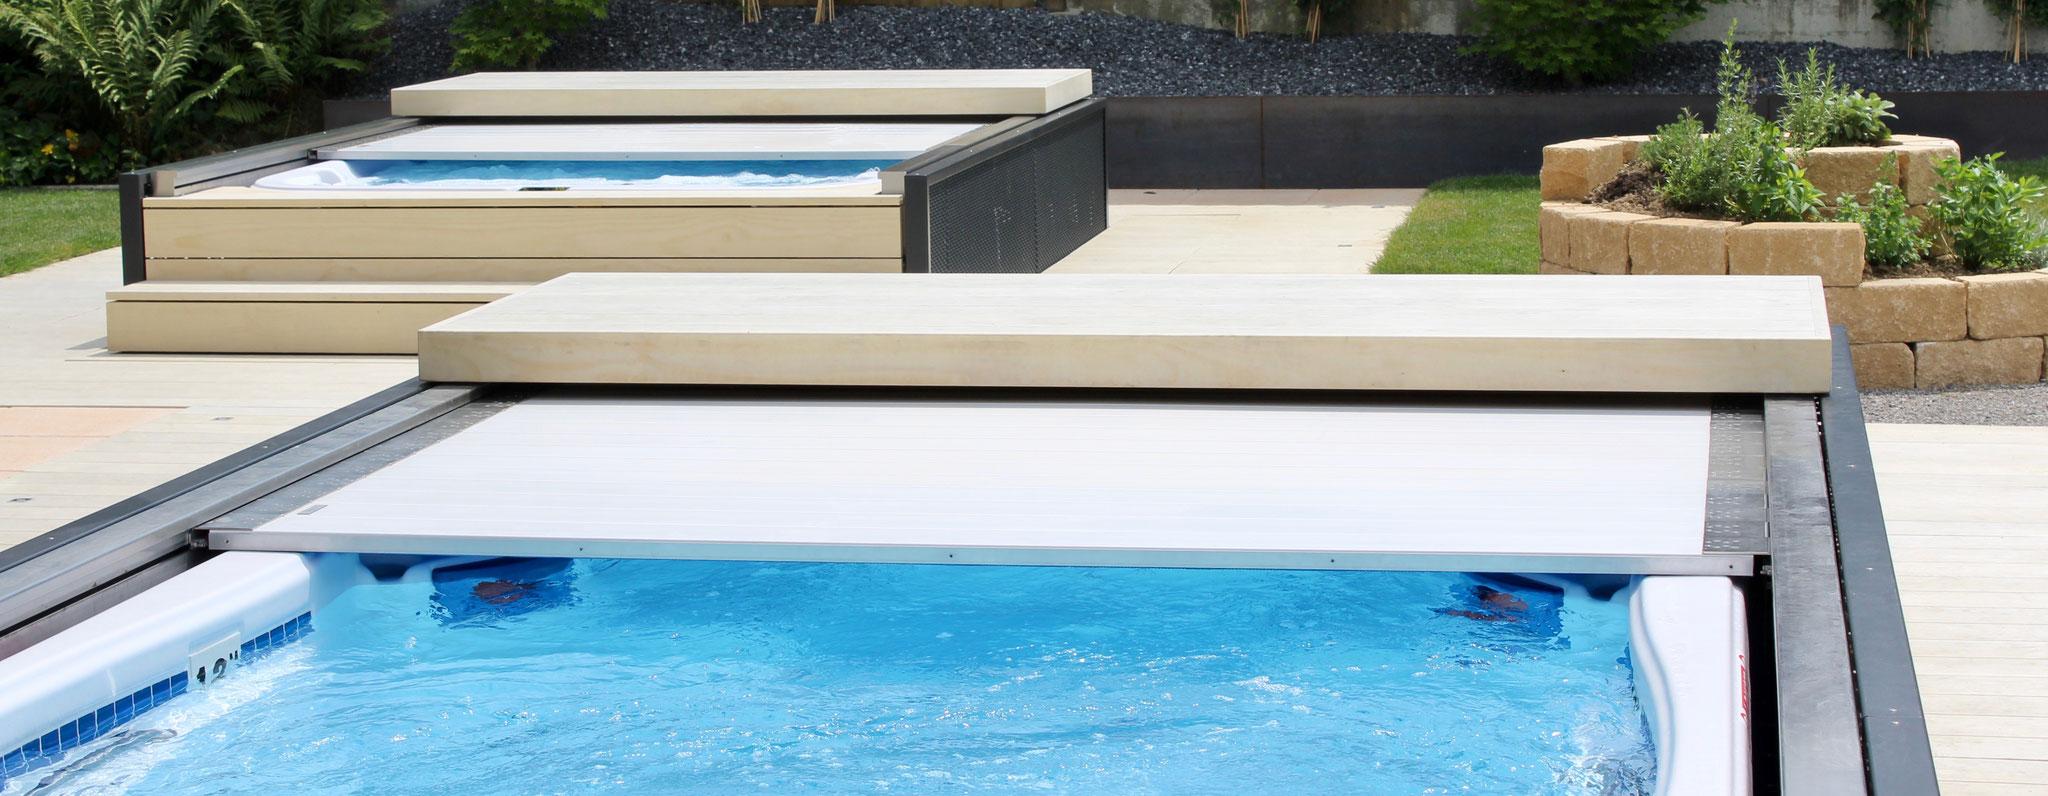 automatische Swim Spa und Whirlpool Abdeckung zu Teilversenkten Dimension One Pools